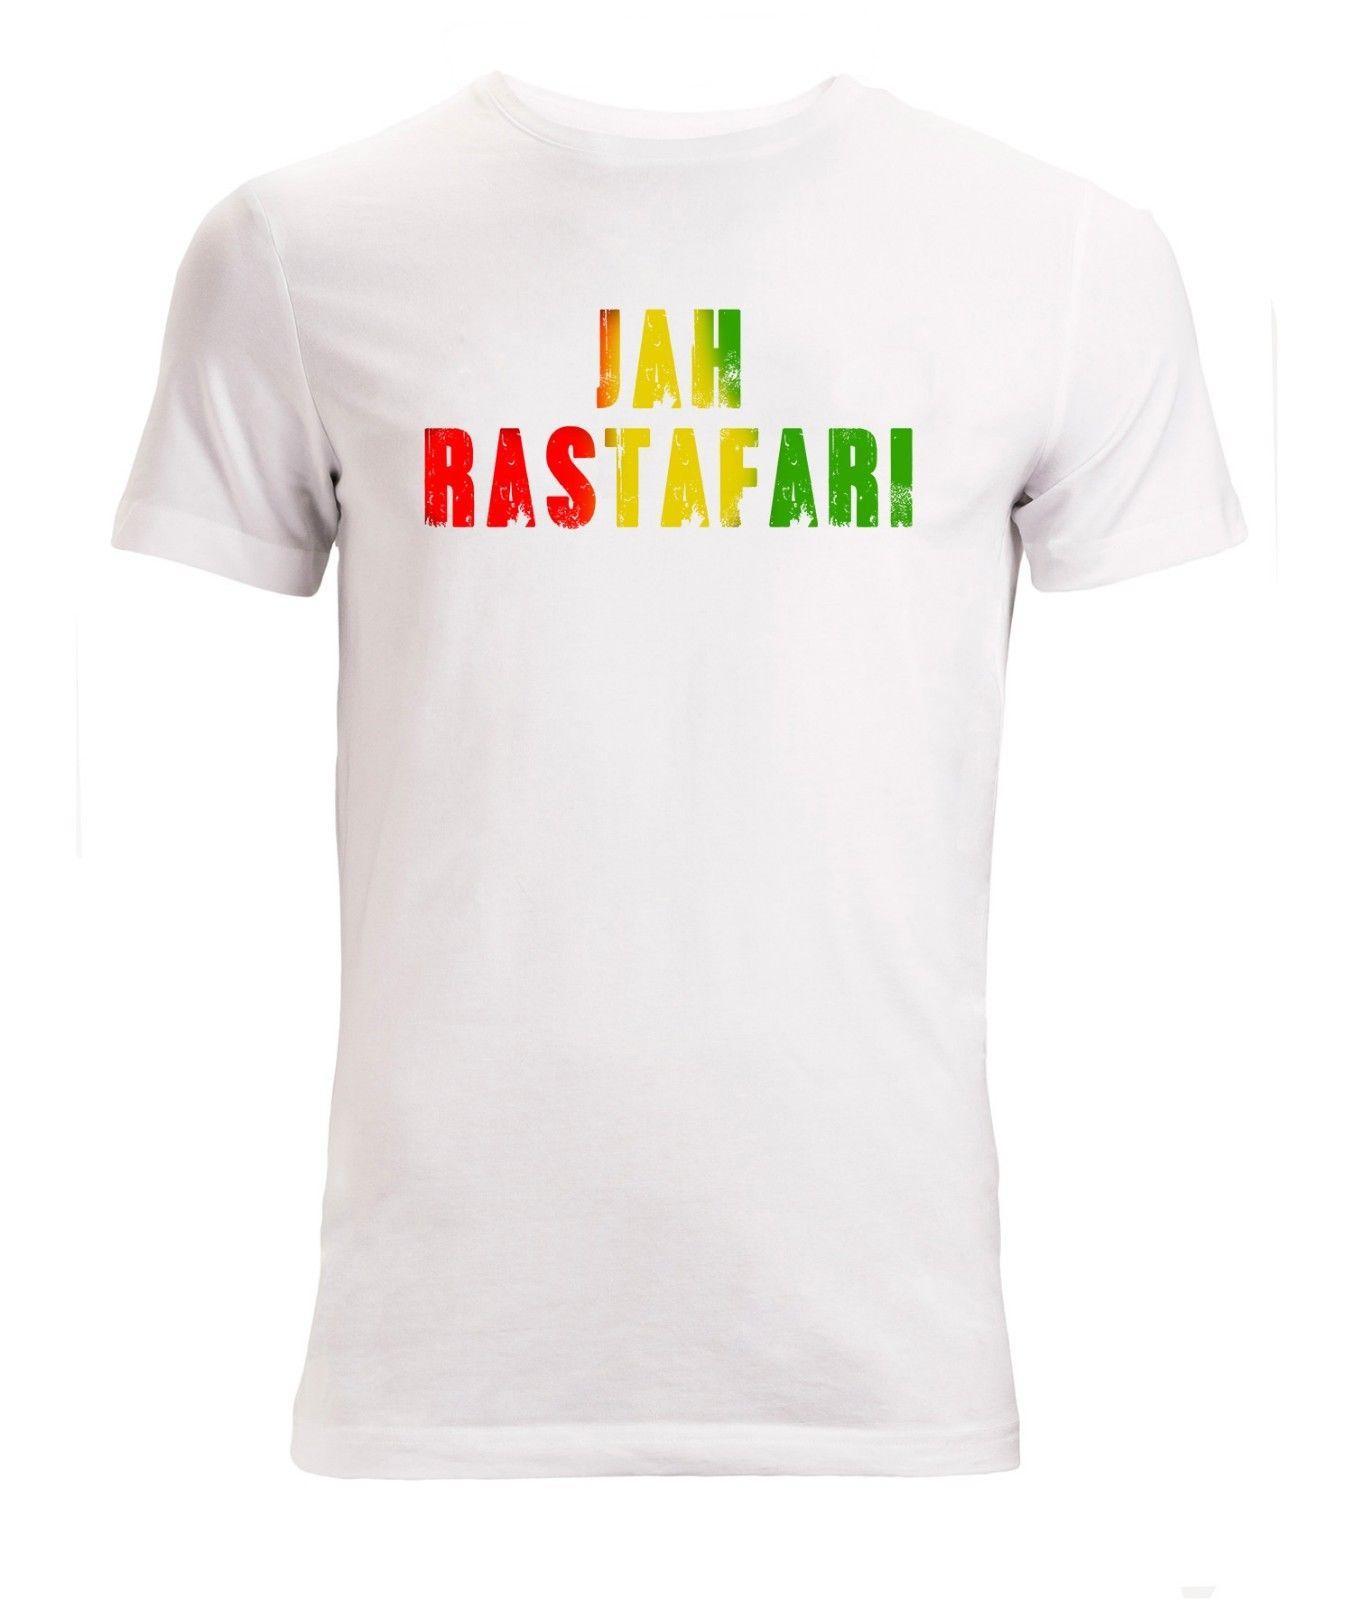 022035f930a674 Großhandel Jah Rastafari Graphic Slogan Herren Weiß T Shirt Größen S XXL  RETRO VINTAGE Klassisches T Shirt Von Shortcup